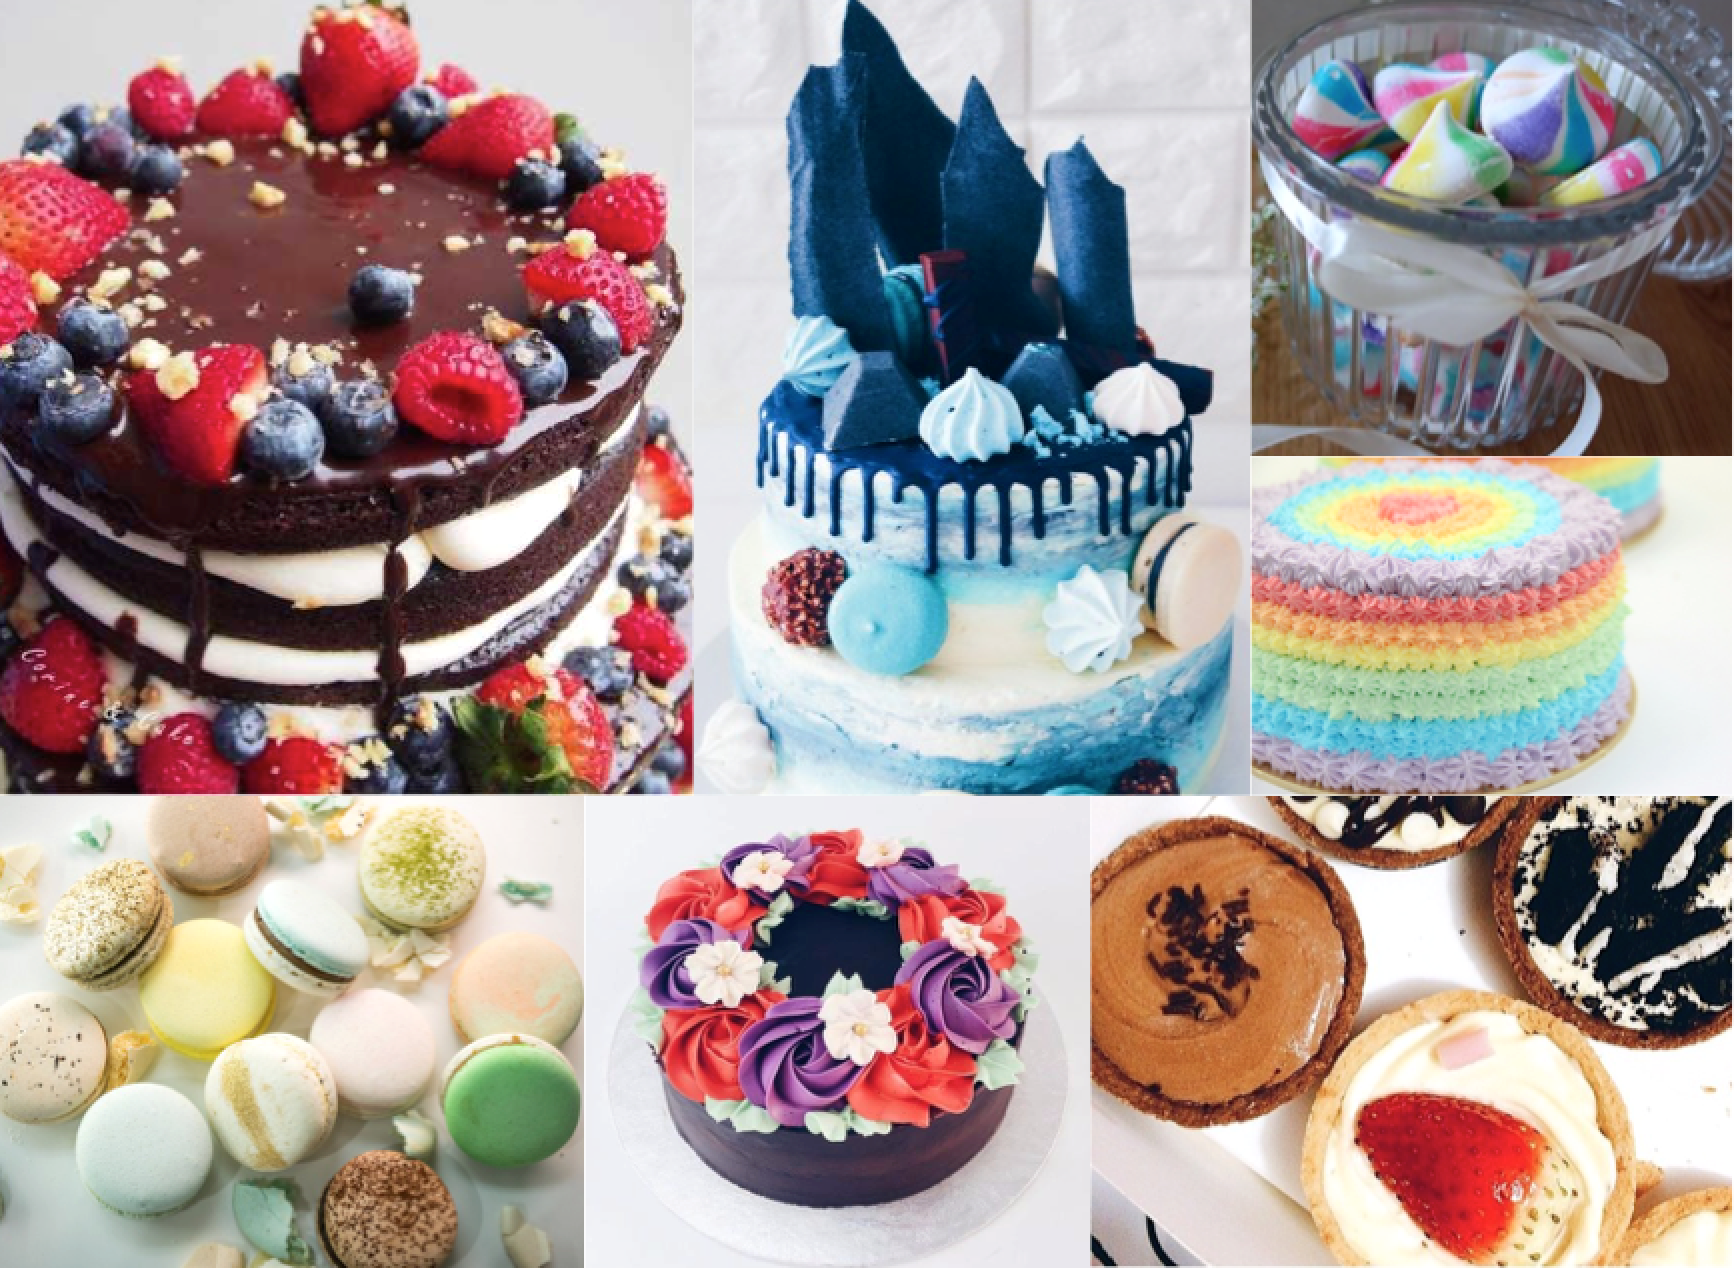 10 Most Instagram-Worthy Desserts in Singapore – FoodLine